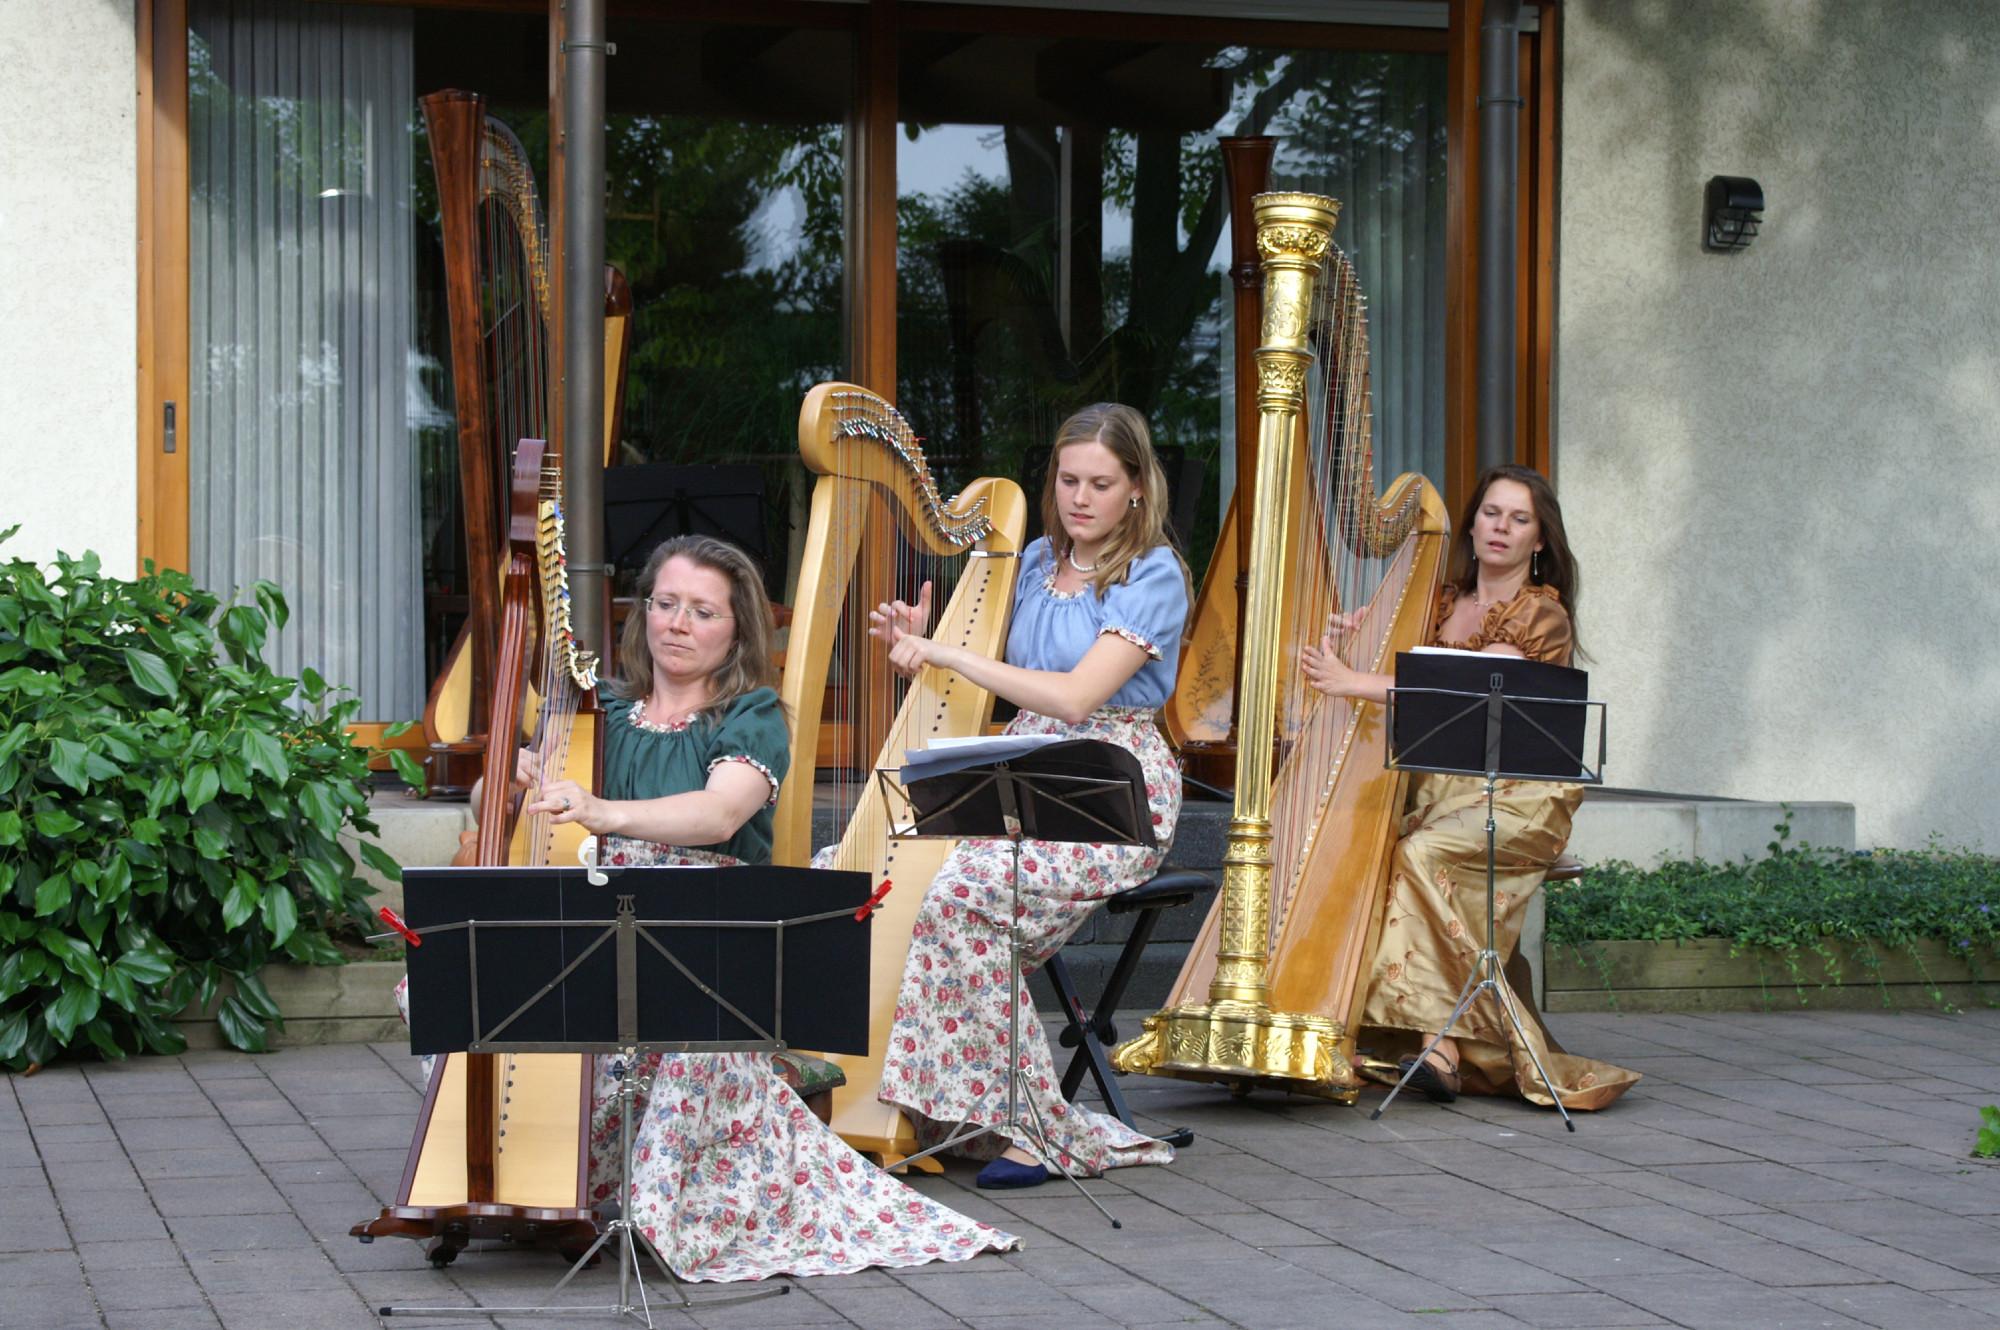 irische Musik- keltisches Harfentrio